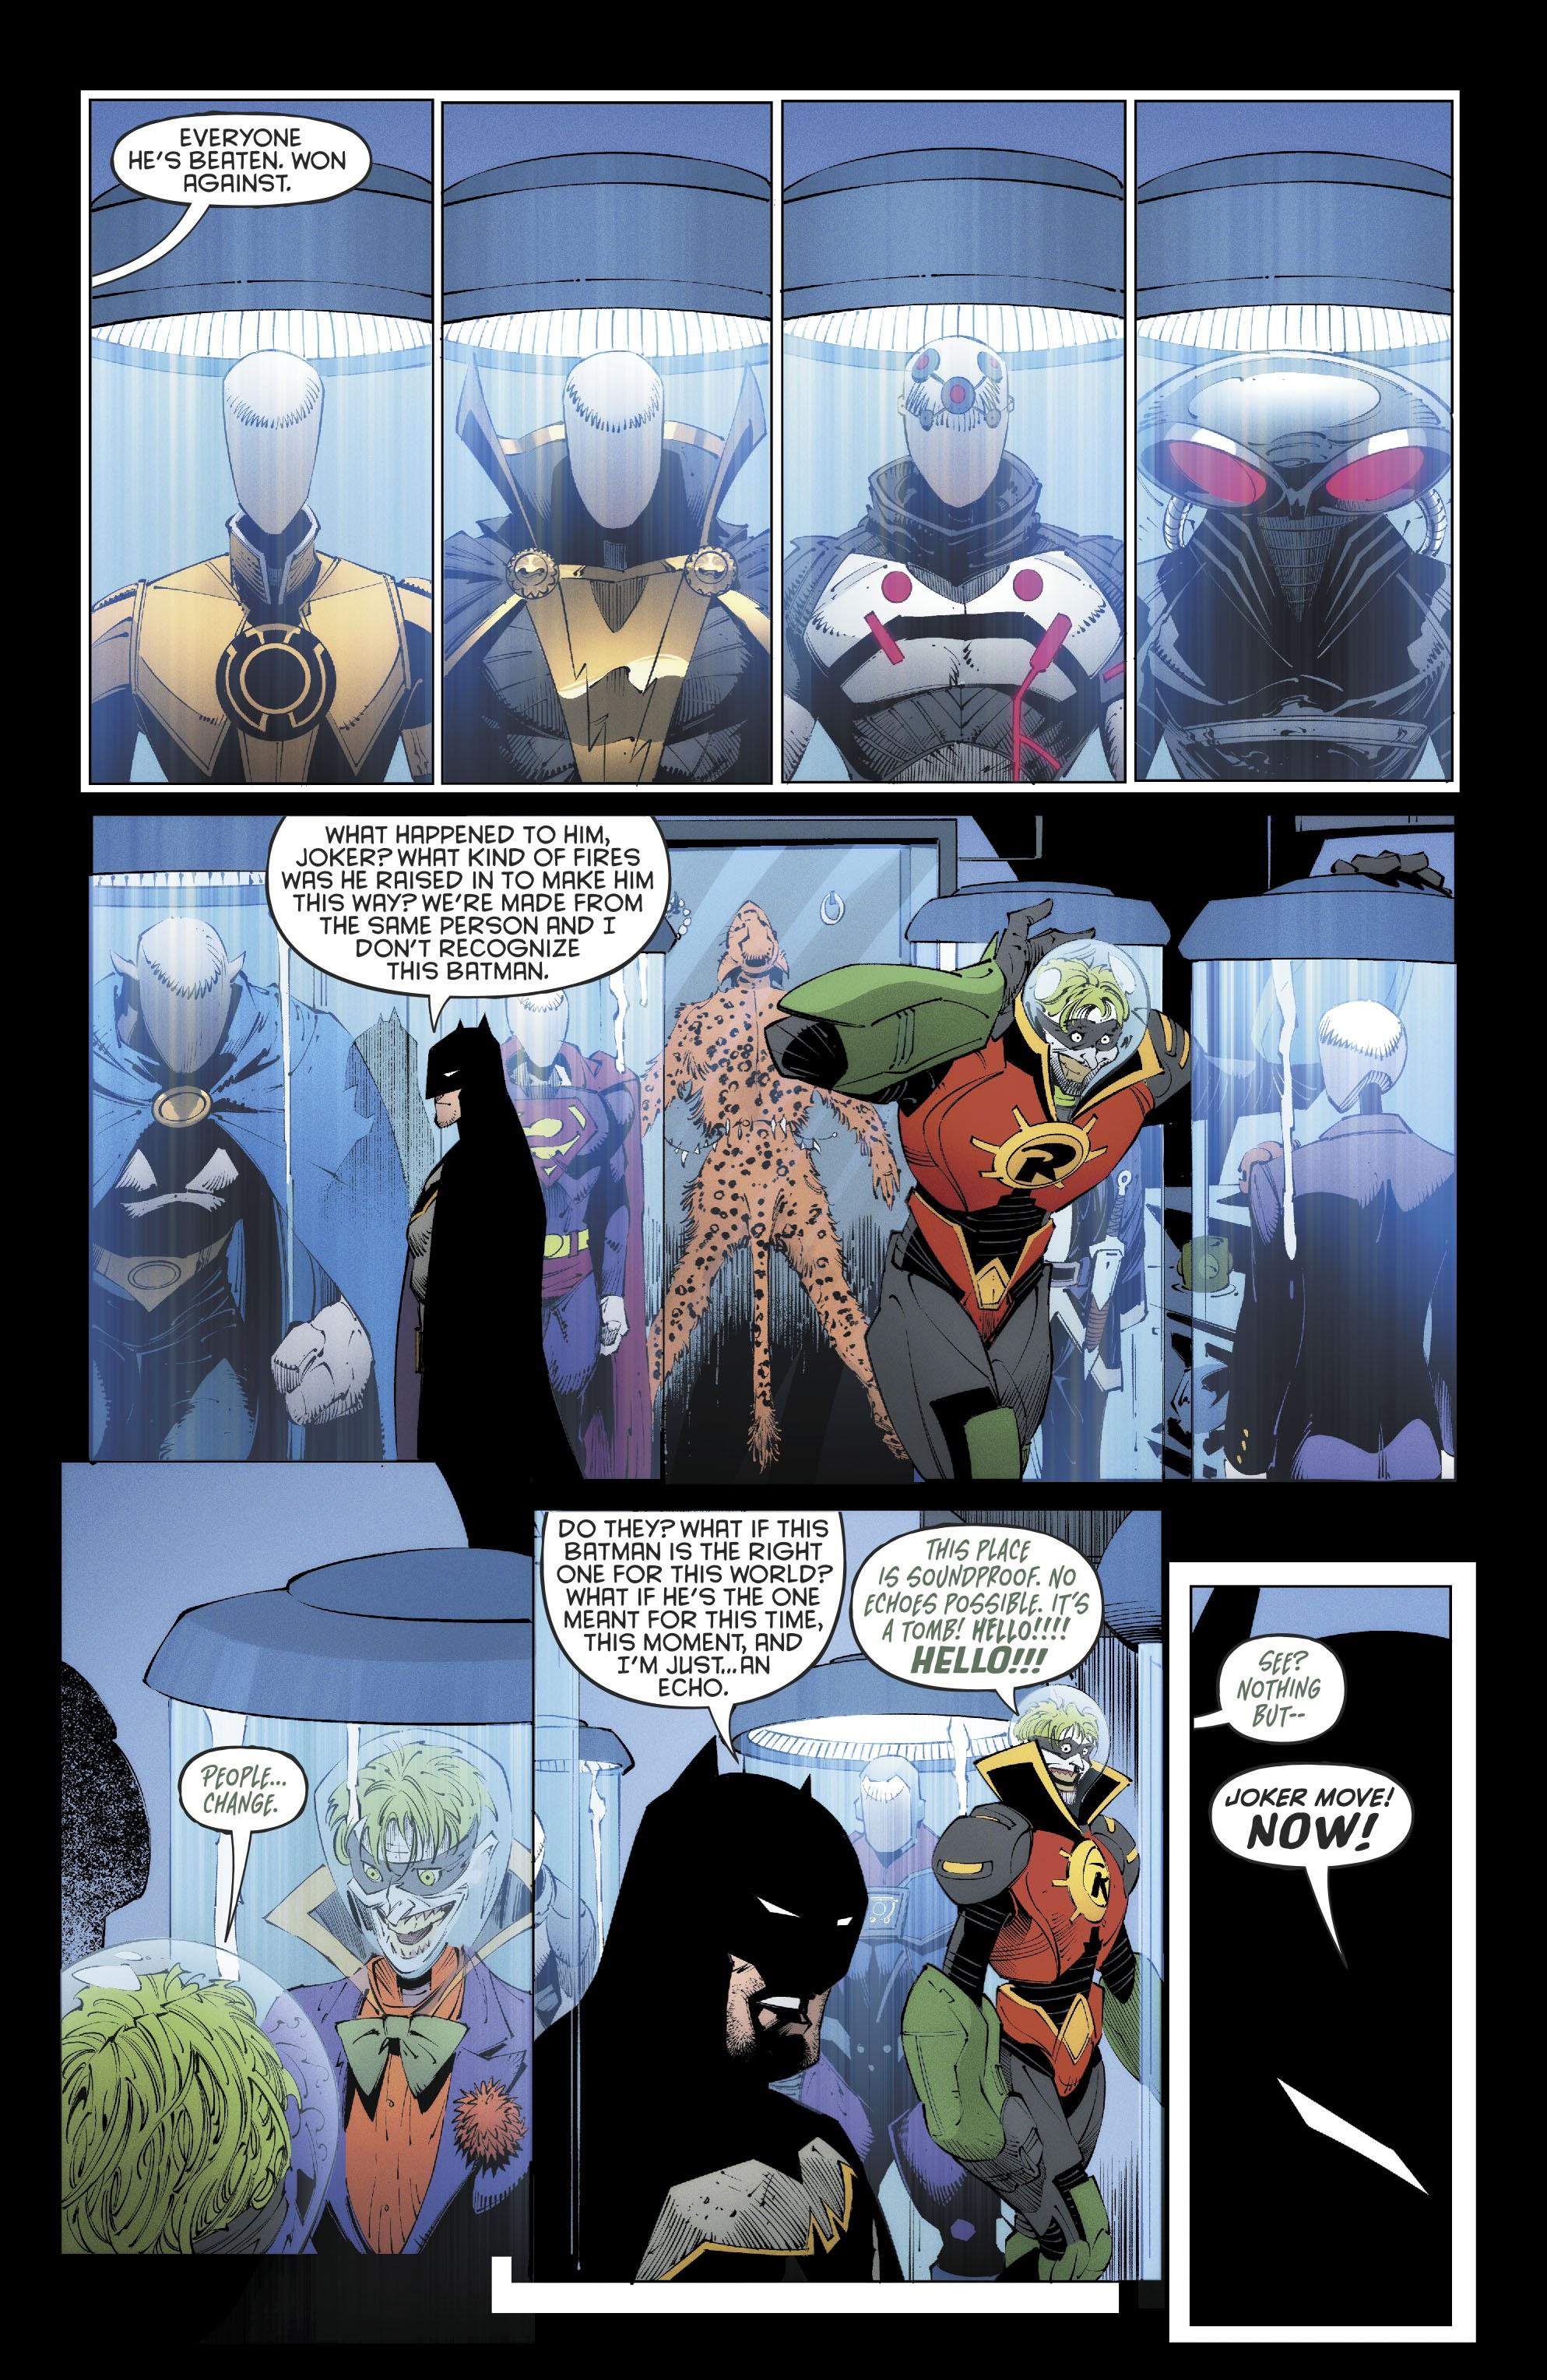 《蝙蝠俠:地球的最後騎士》最終回揭開了殺死達克賽德的「歐米茄」驚人真面目!